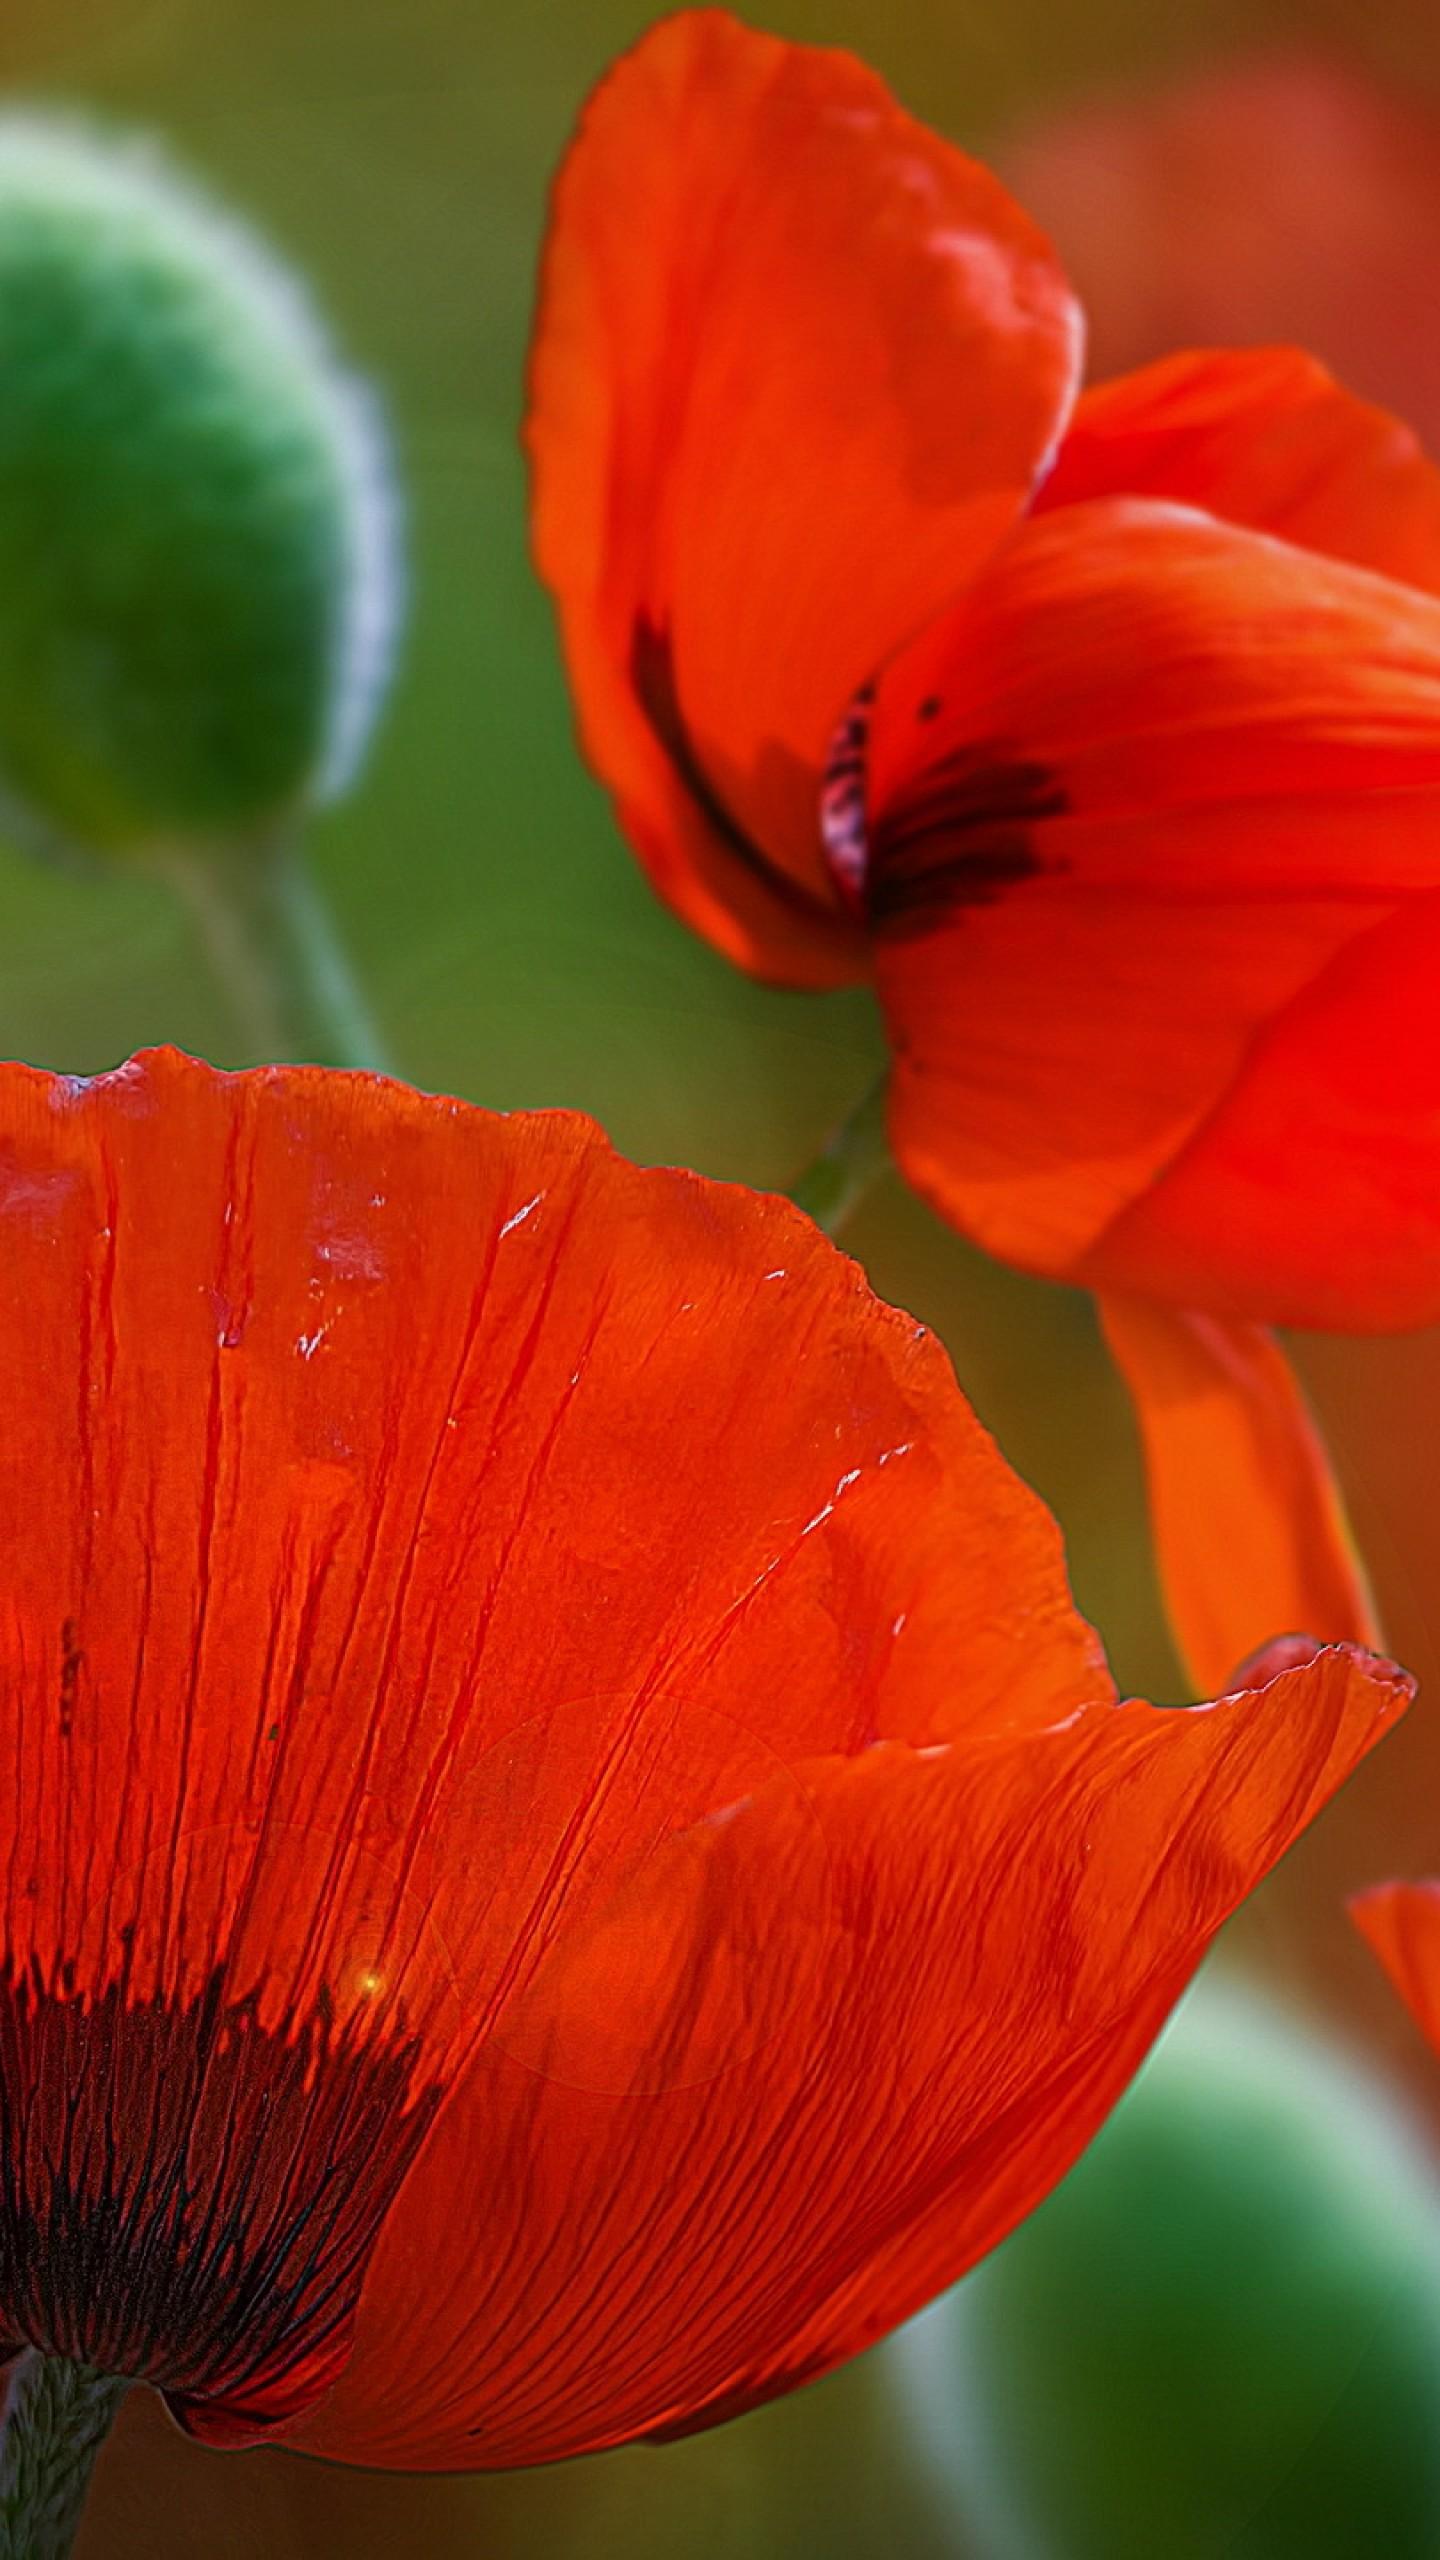 عکس زمینه گلهای شقایق قرمز پس زمینه